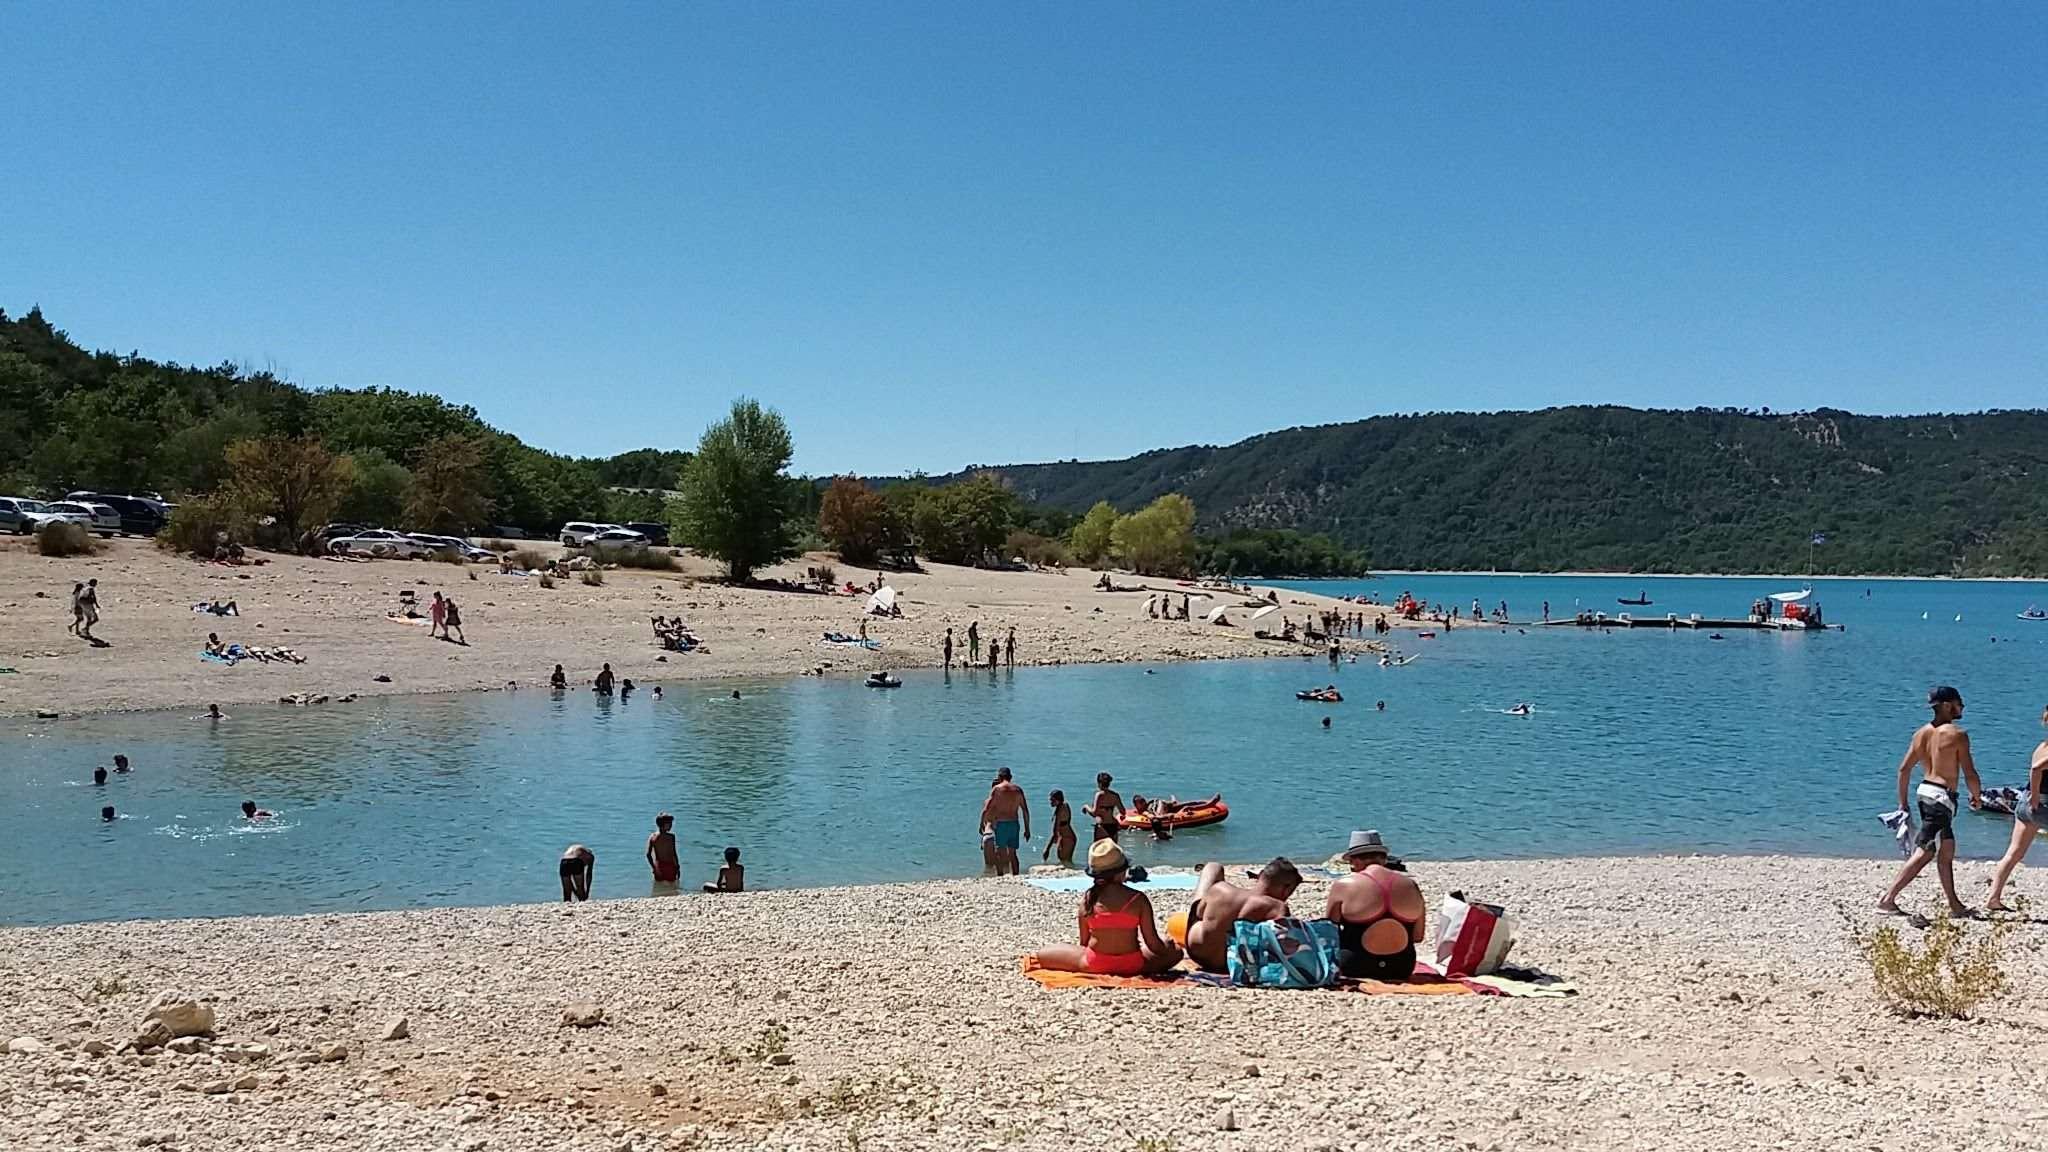 La plage de Bauduen dans la Drôme est un espace de tourisme et de loisirs.